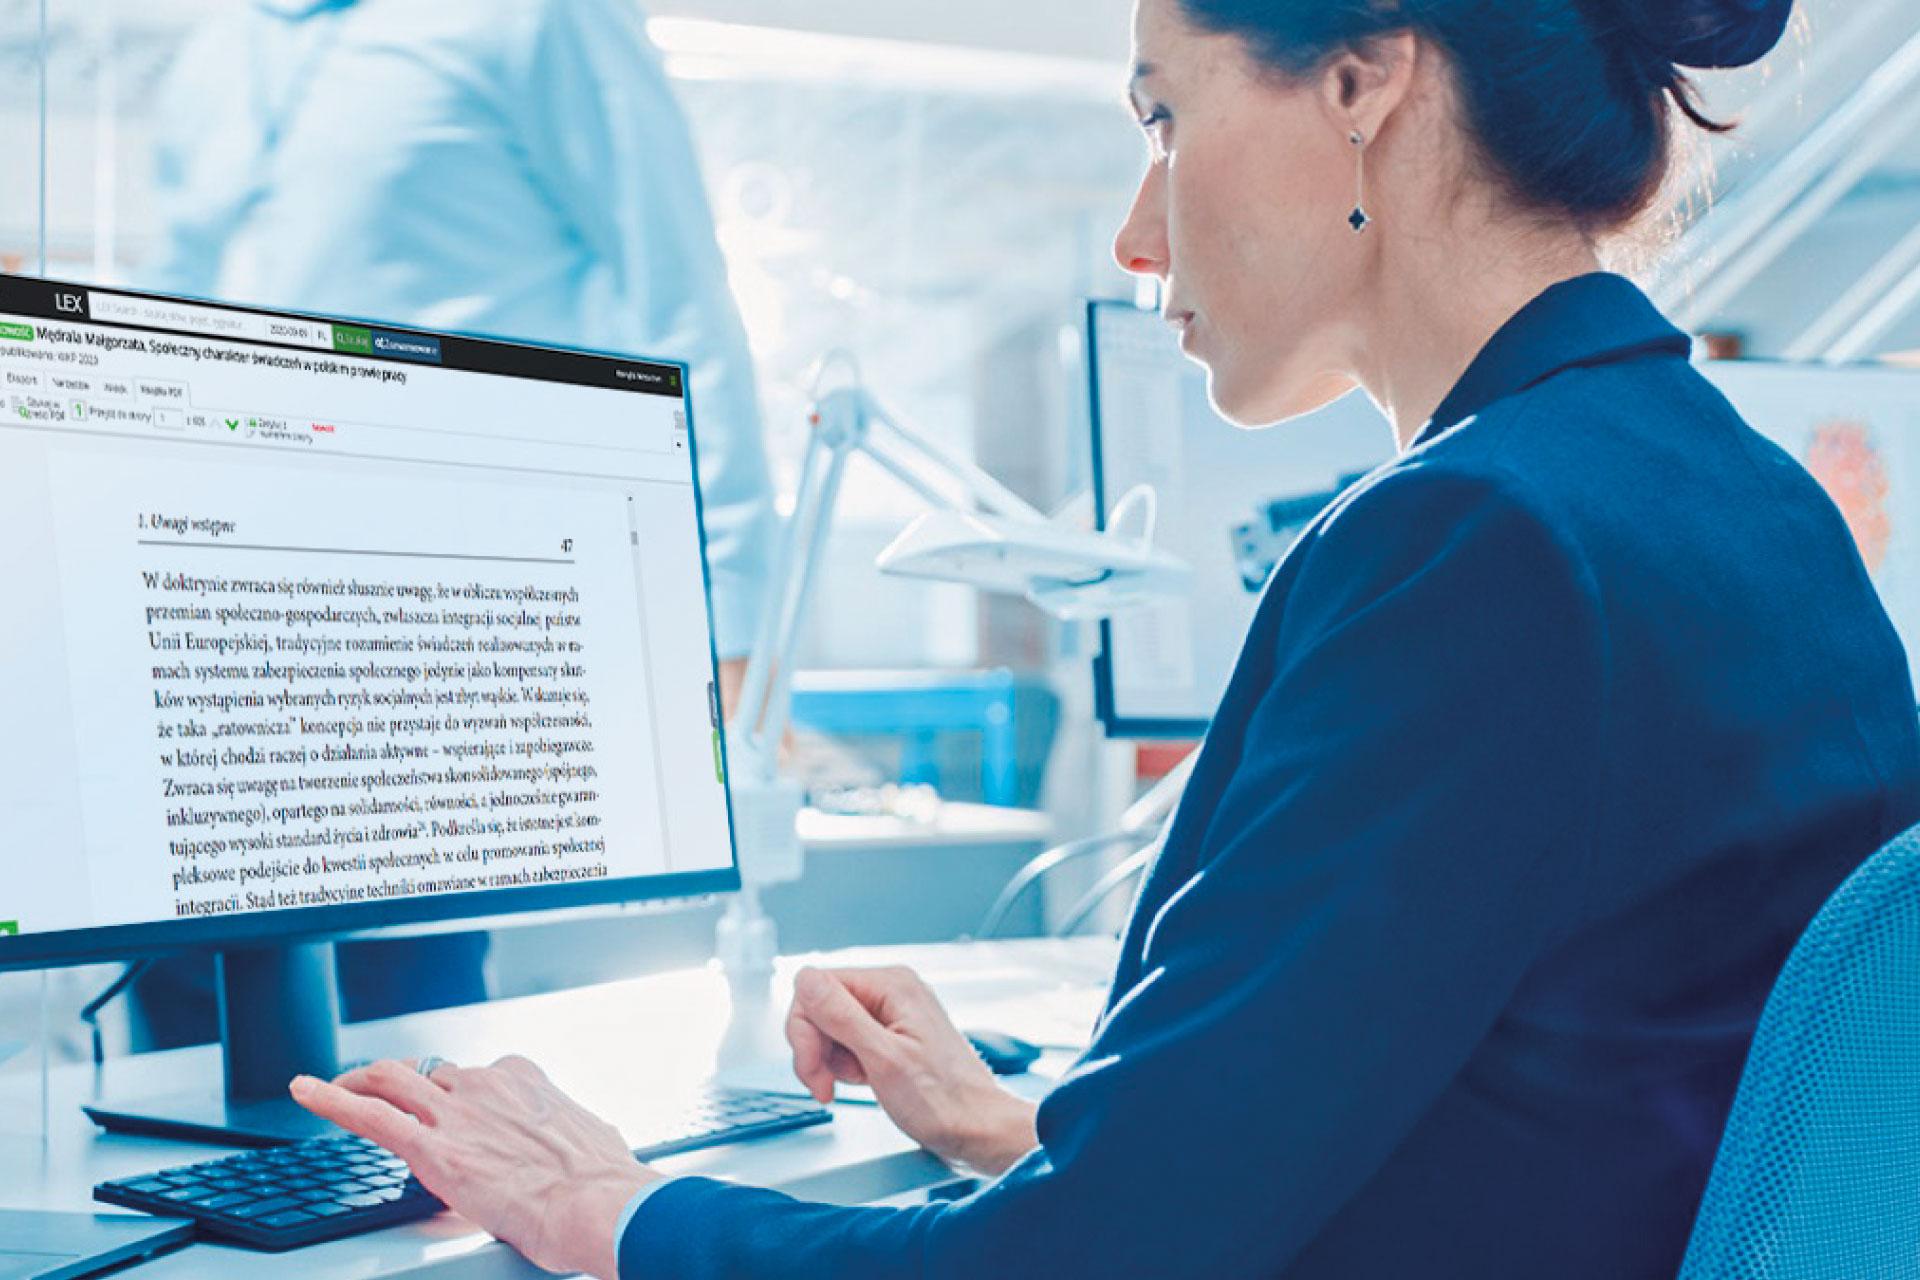 Kobieta pracująca na komputerze z książką w PDF w LEX Context